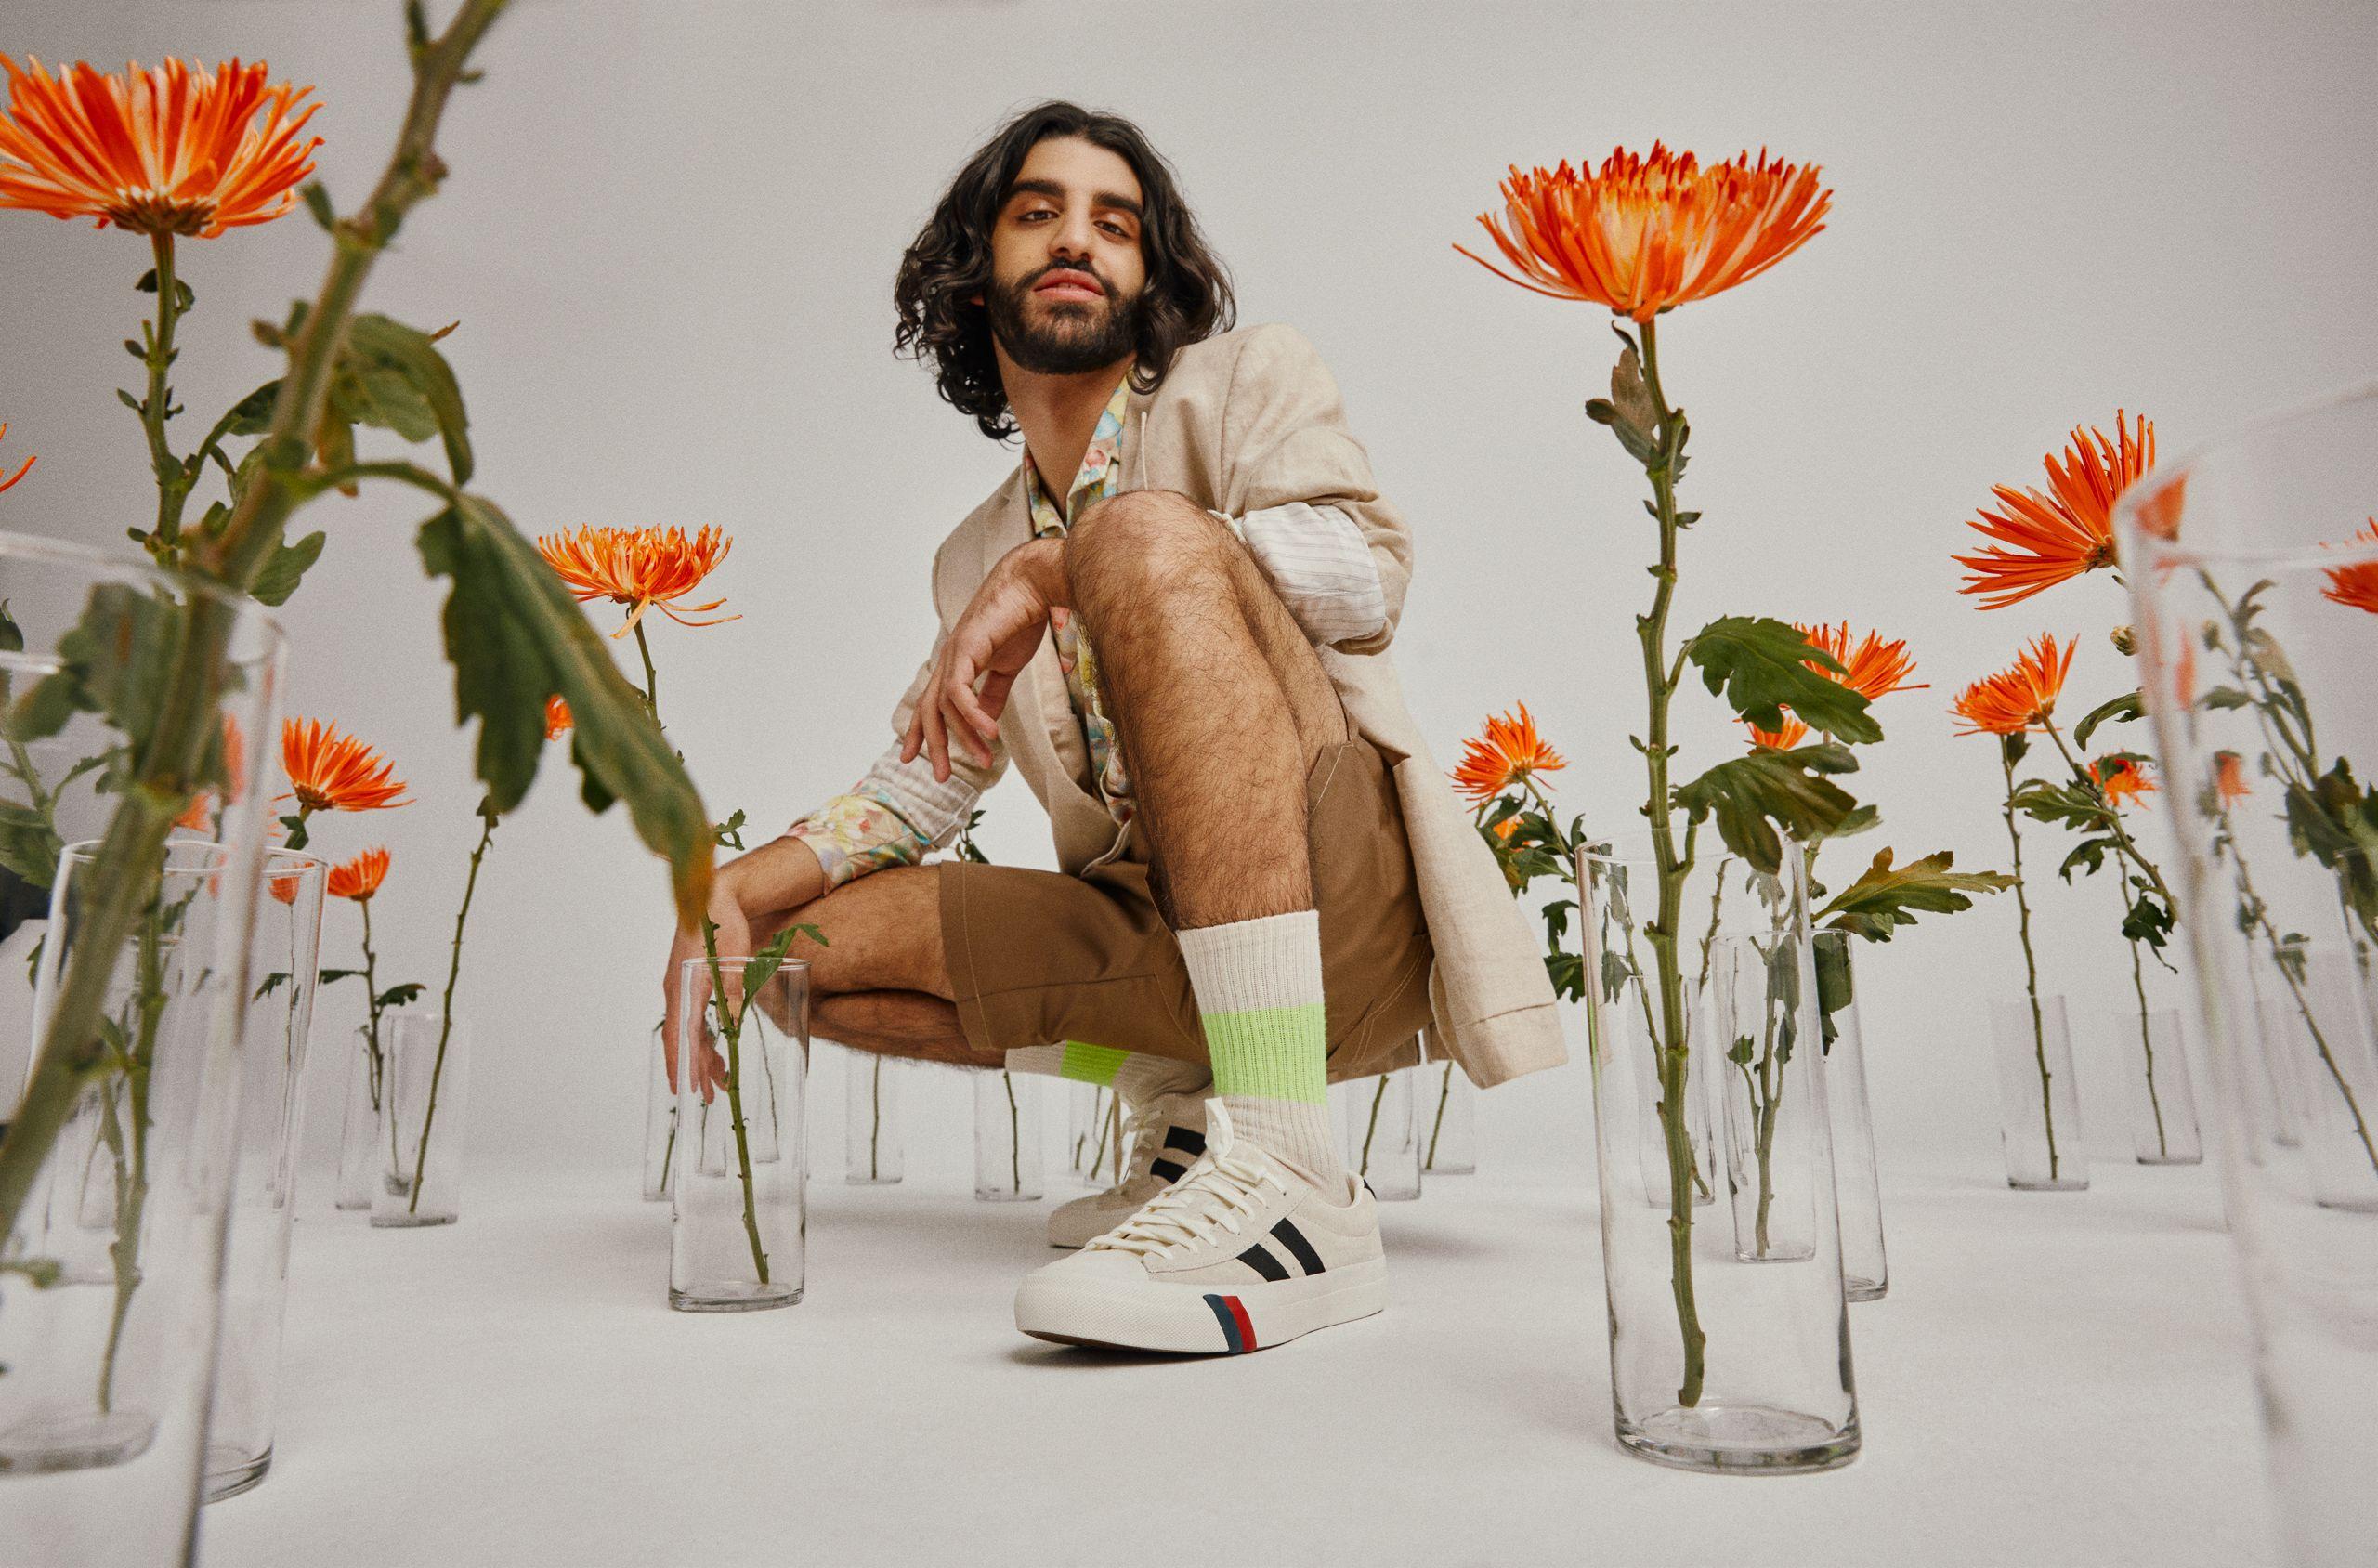 Un homme agenouillé sur un vélo blanc, entouré de vases contenant chacun une fleur orange. Il porte un costume en lin beige avec un short beige foncé et des petites chaussures bordeaux.